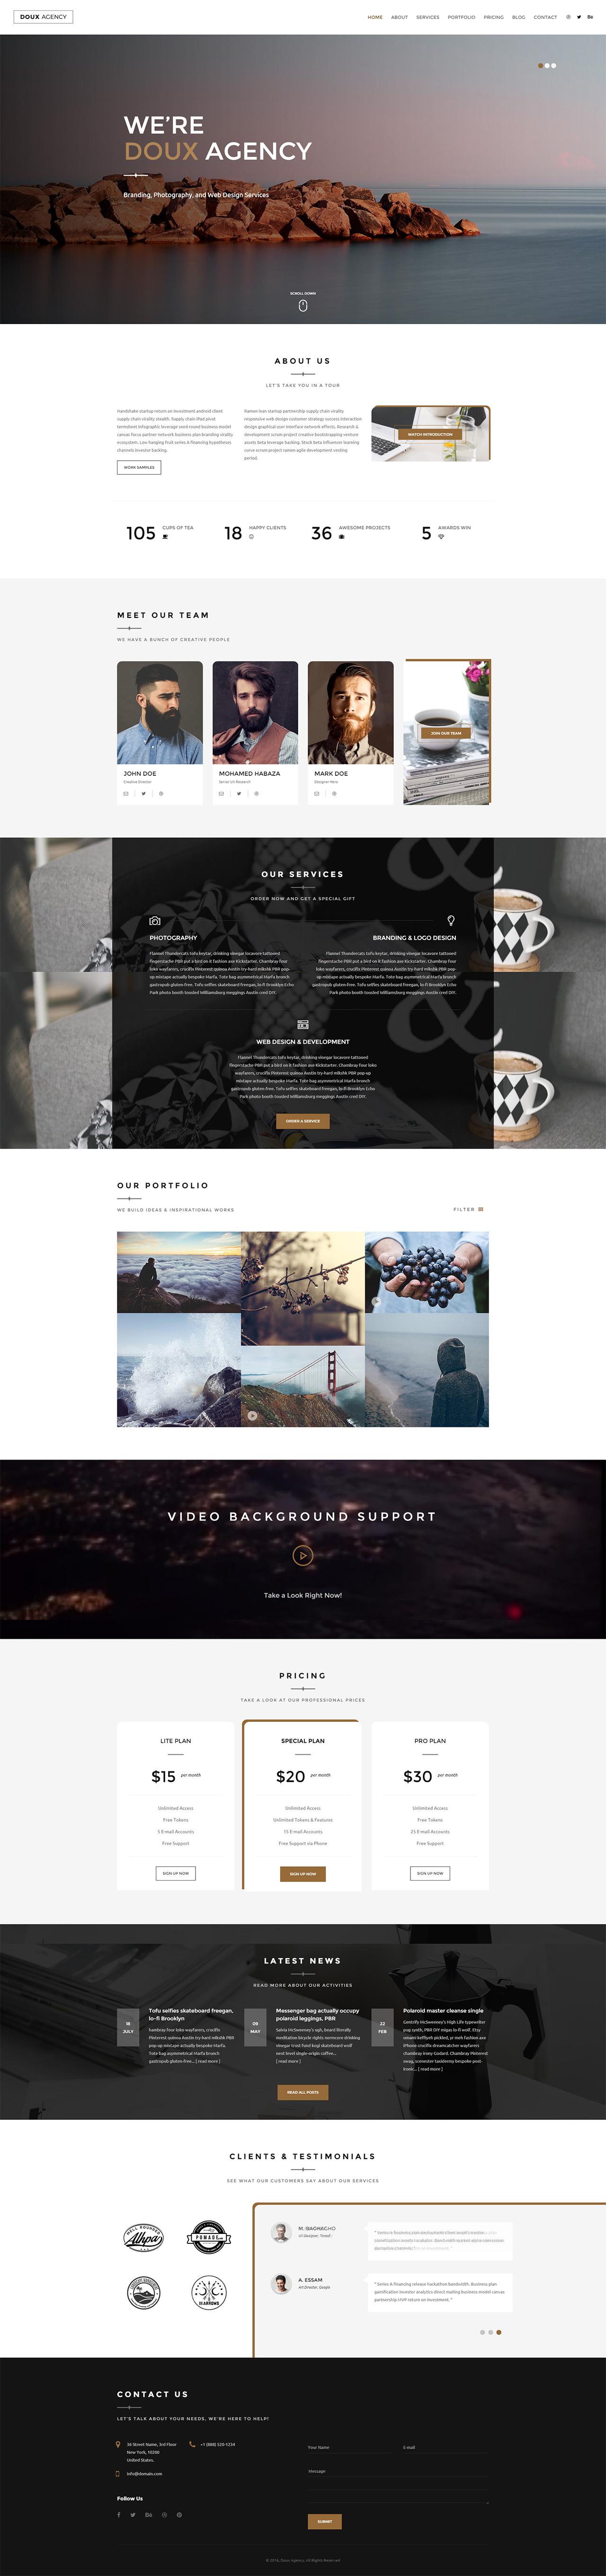 Doux Website Screenshot